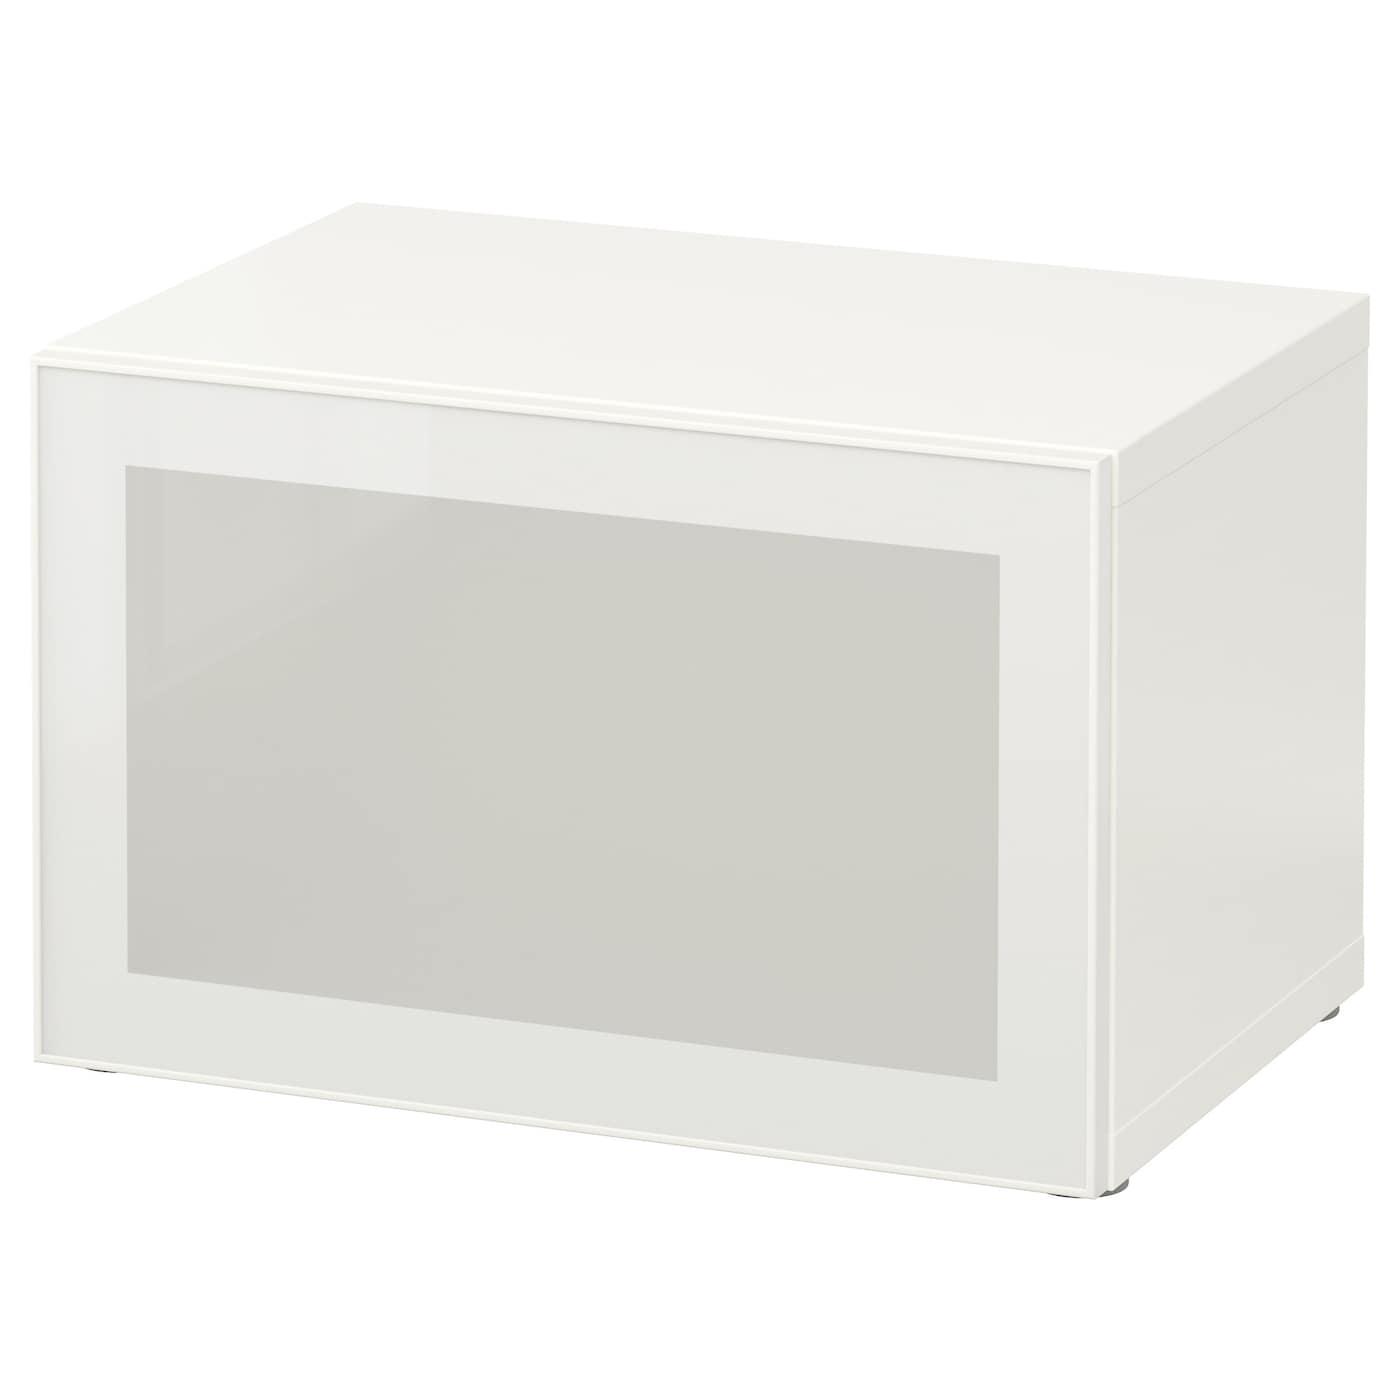 IKEA BESTÅ, 60x40x38 cm, biała witryna z białymi drzwiami GLASSVIK z panelem ze szkła matowego